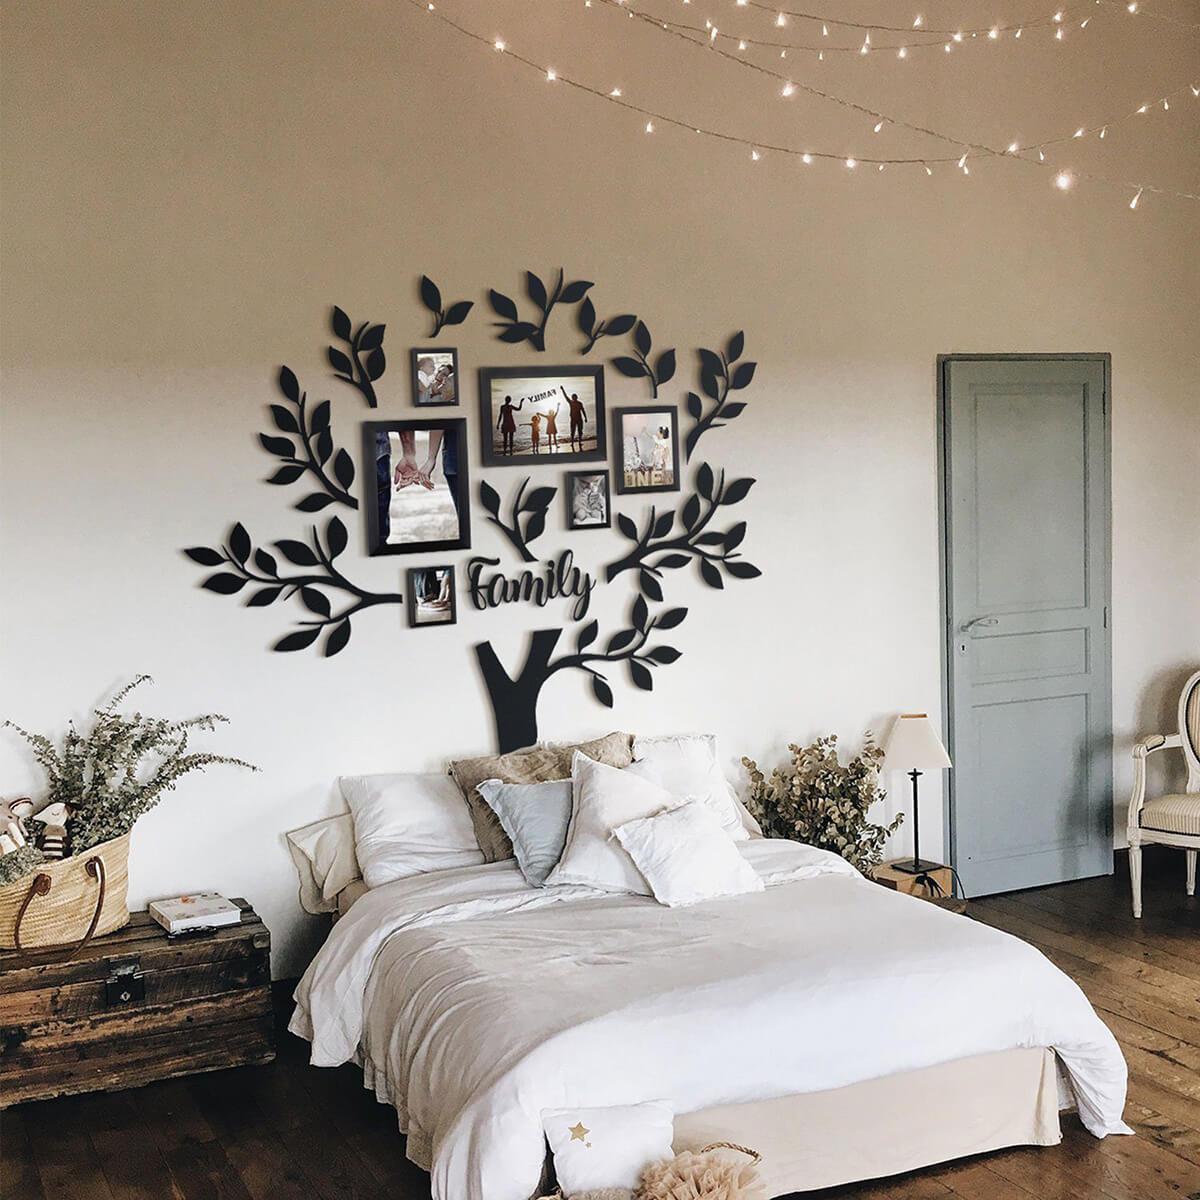 31 Best Modern Farmhouse Wall Art Ideas To Buy In 2021